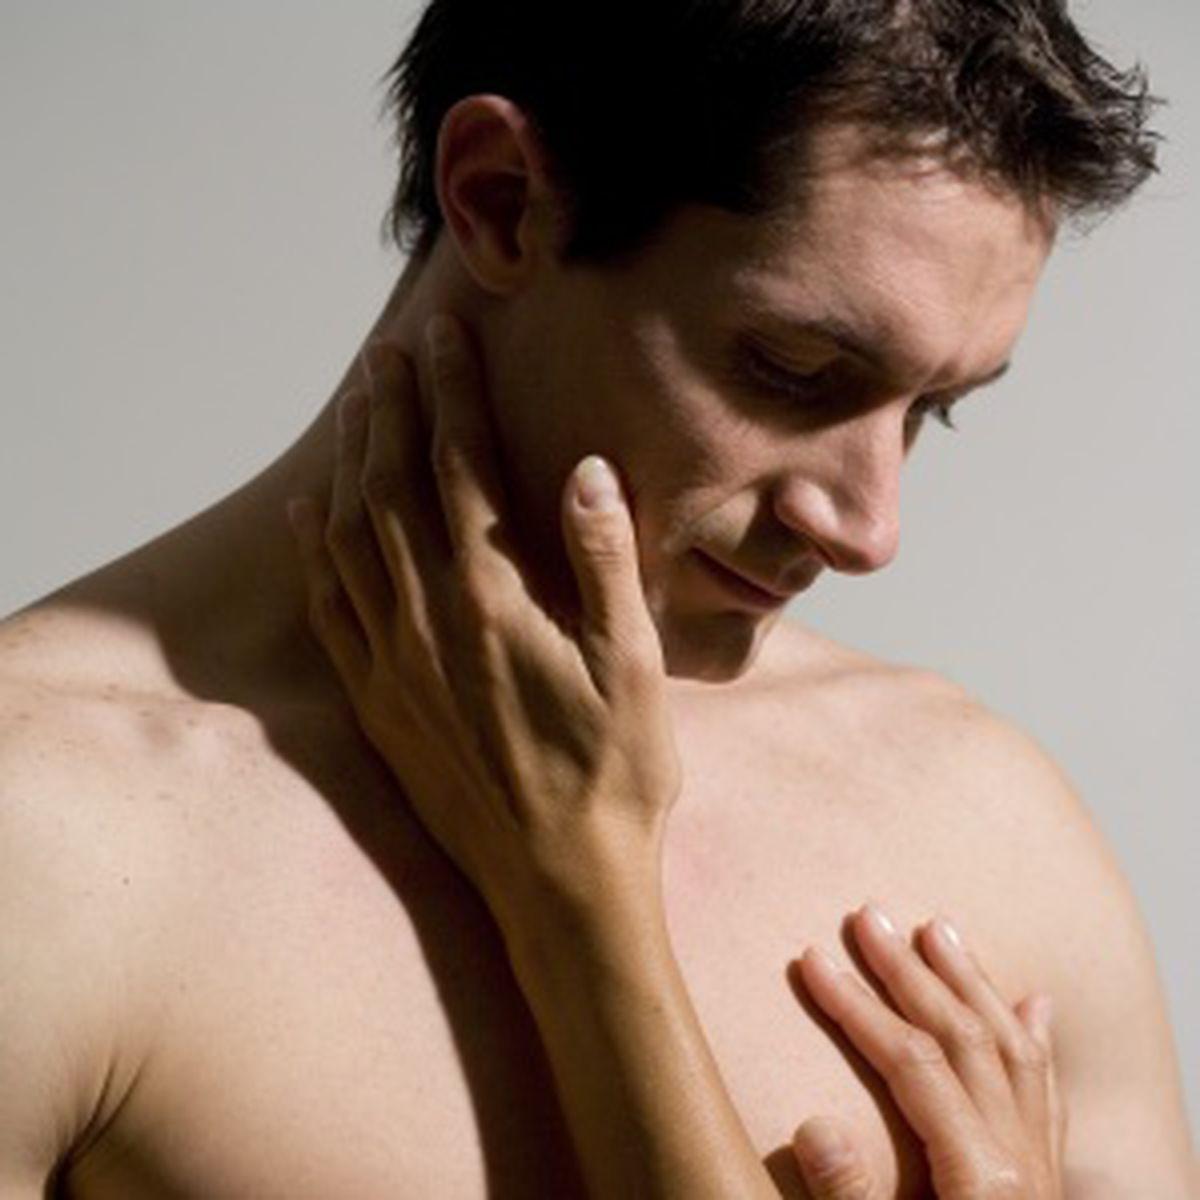 modul în care o femeie poate prelungi erecția unui bărbat